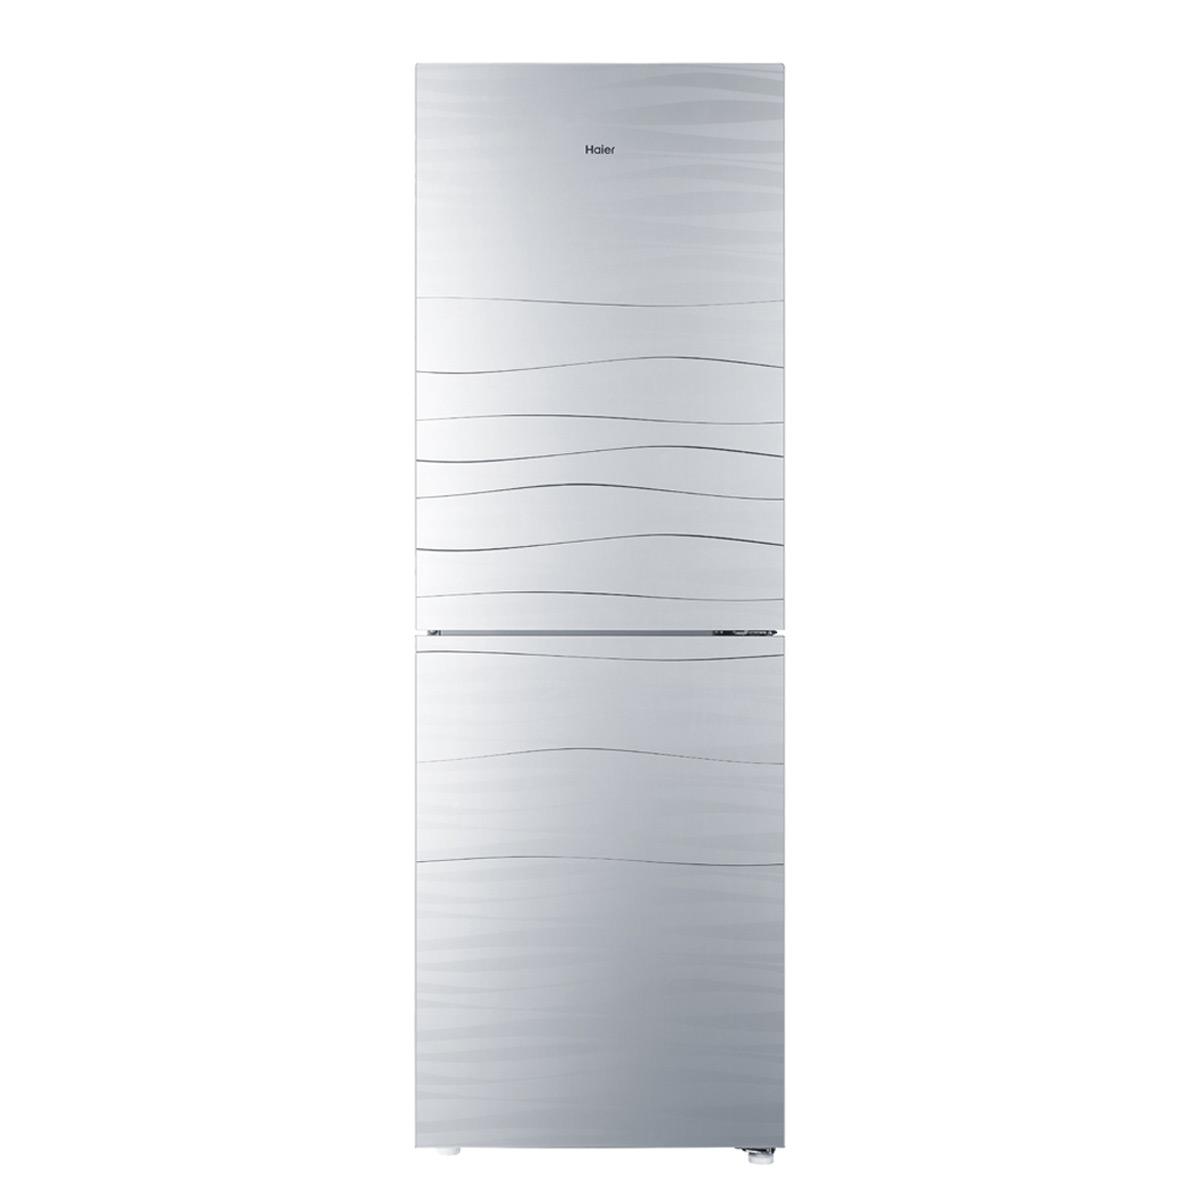 海尔Haier冰箱 BCD-260WTGR 说明书